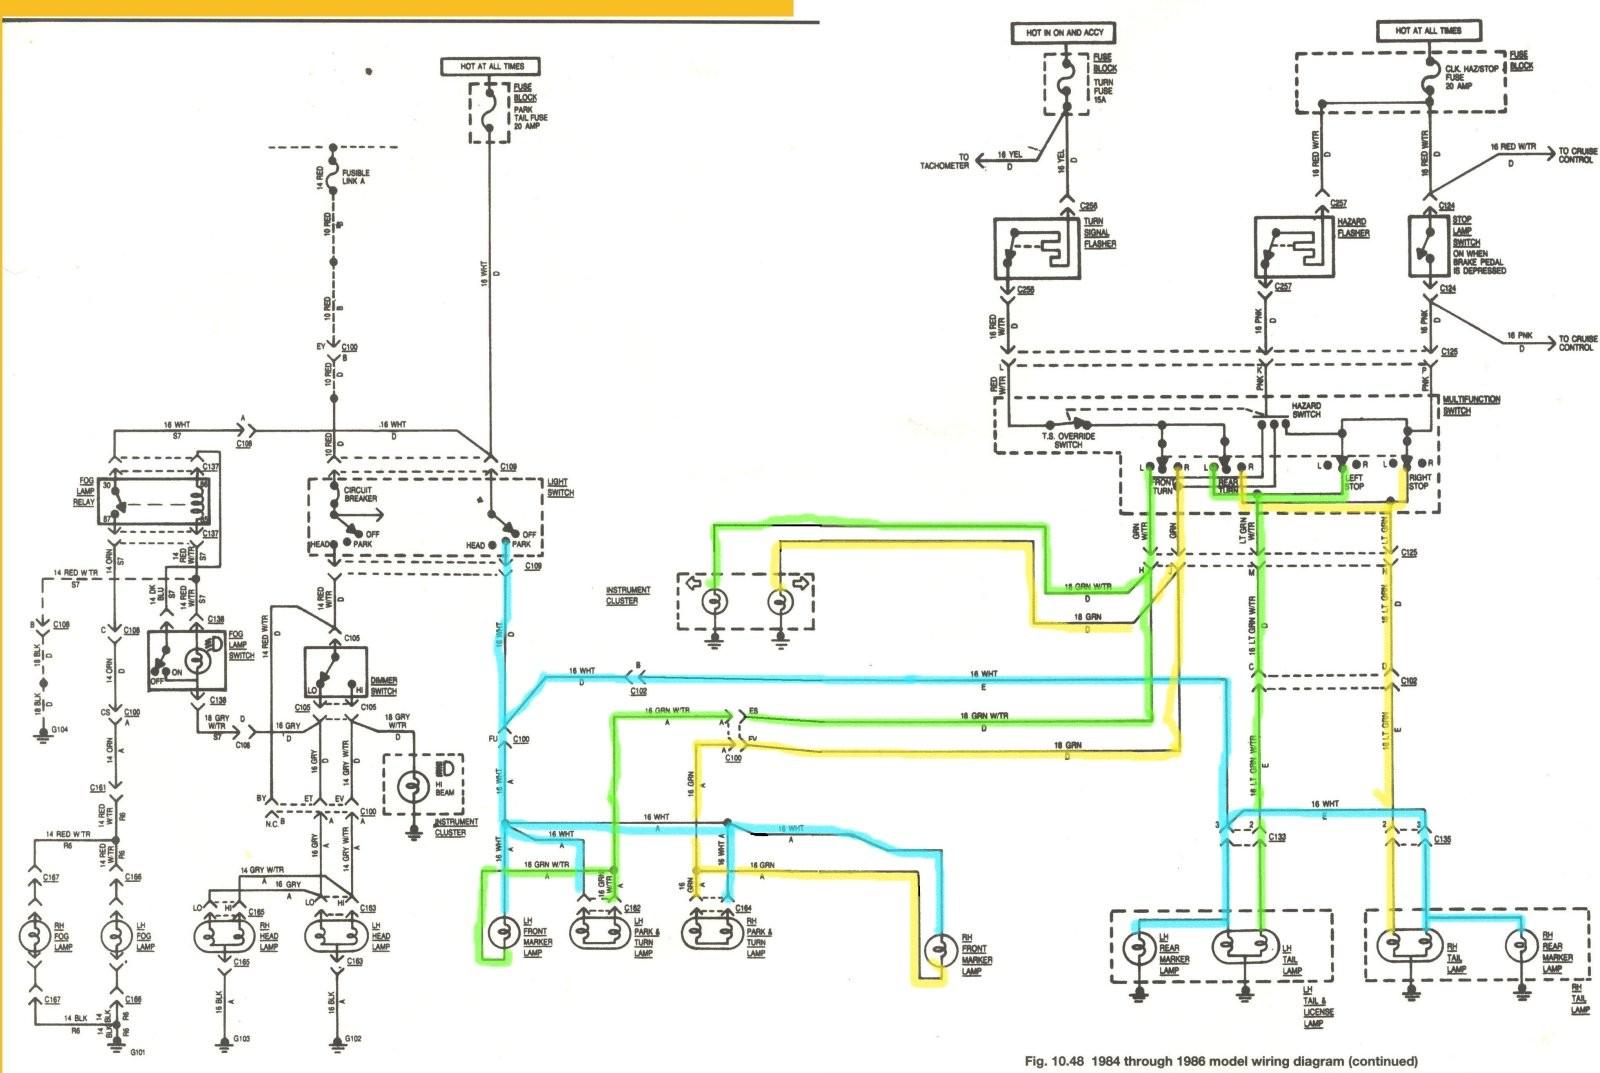 Headlight Schematic Diagram | Wiring Diagram on